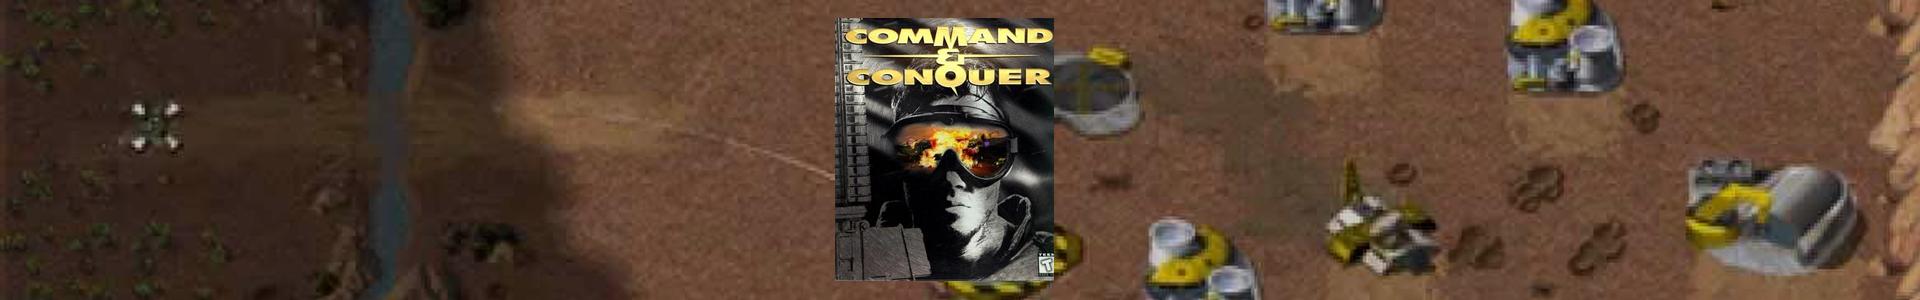 command conquer tiberian dawn